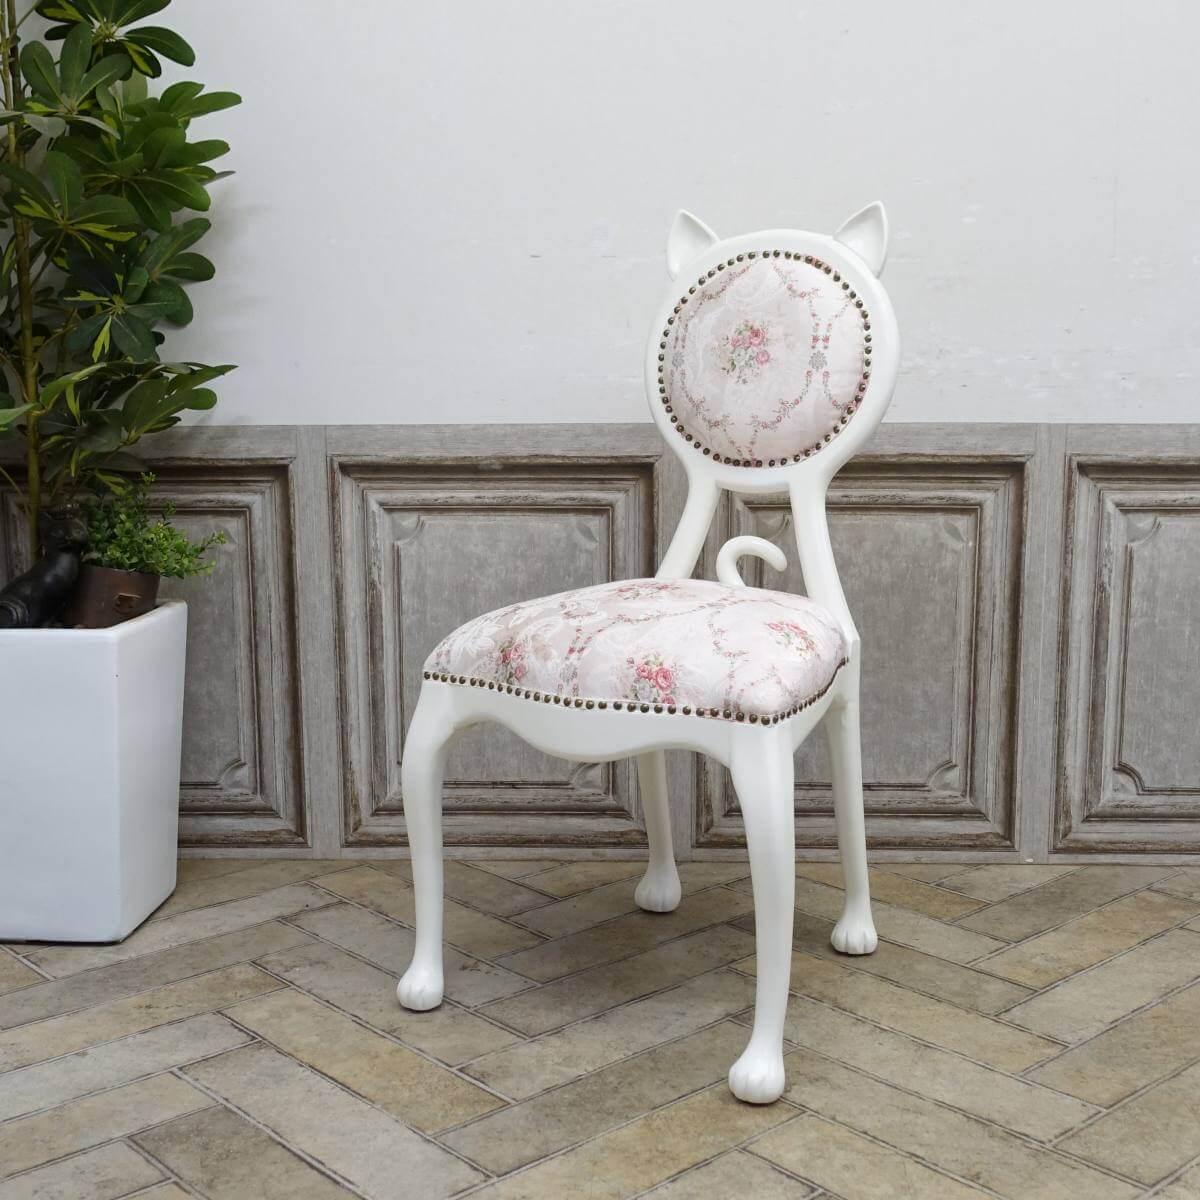 猫の形をしたアンティーク調の椅子「キャットチェア(Cat Chair)」斜め前から見たイメージ